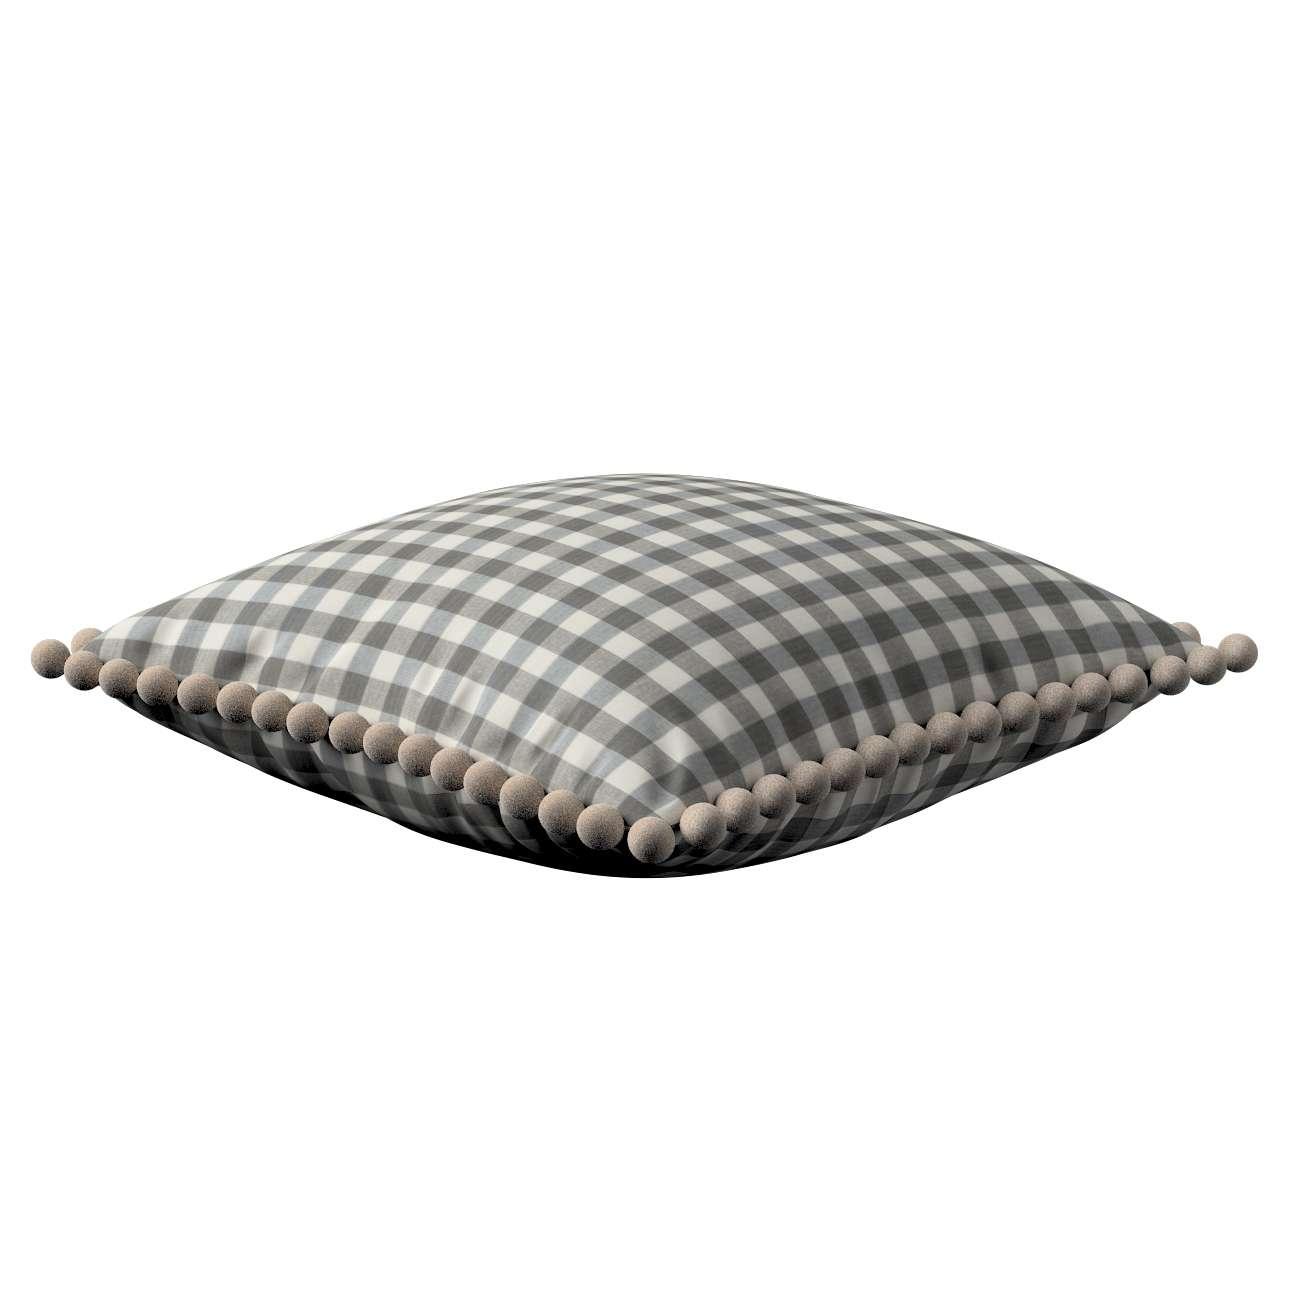 Poszewka Wera na poduszkę 45 x 45 cm w kolekcji Quadro, tkanina: 136-11